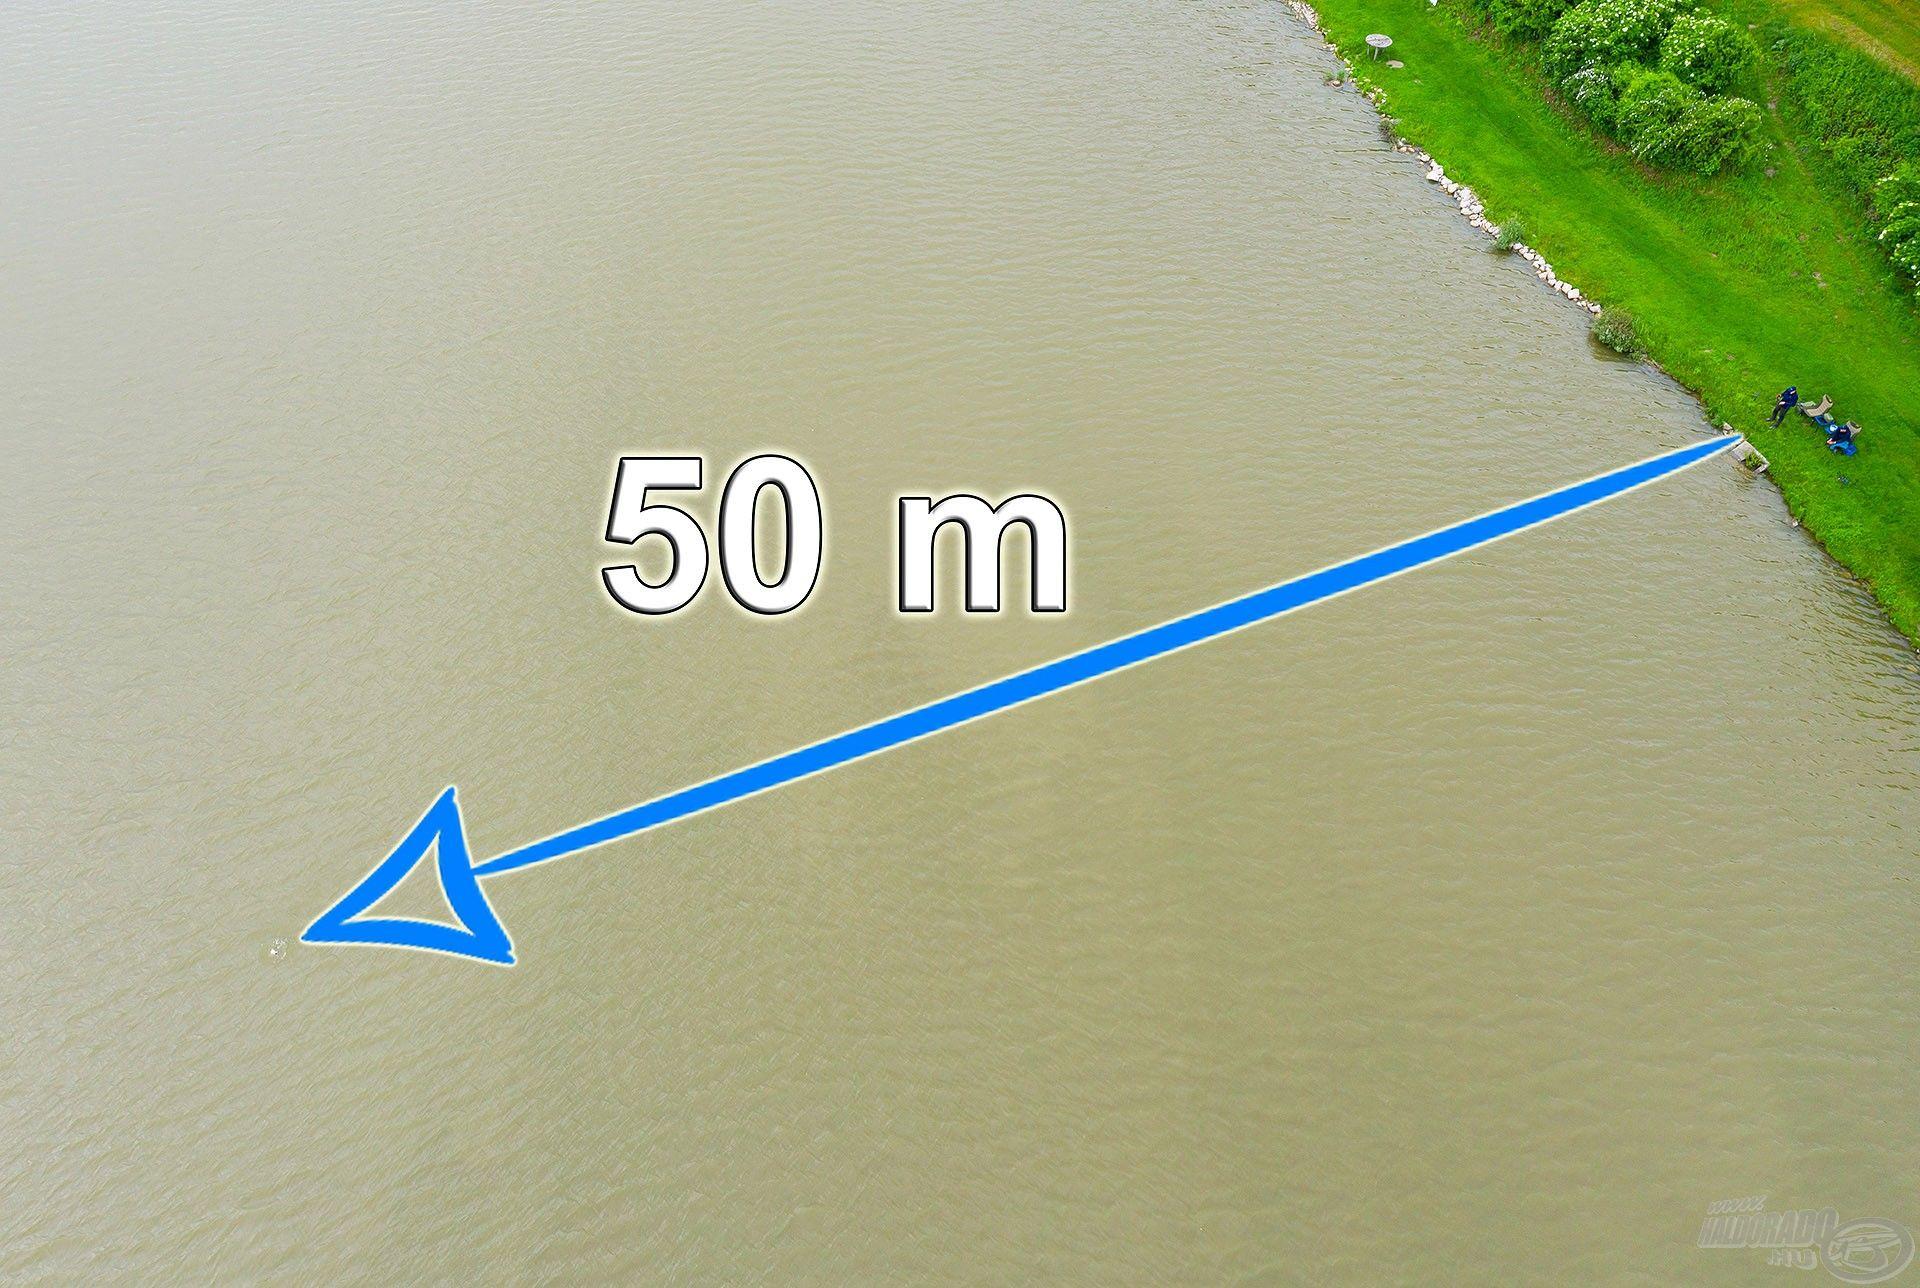 Az etetést pontosan 50 méterre alakítottuk ki, amit mindketten egy-egy bottal horgásztunk, másik botjainkkal pedig kereső horgászatot végeztünk a környéken